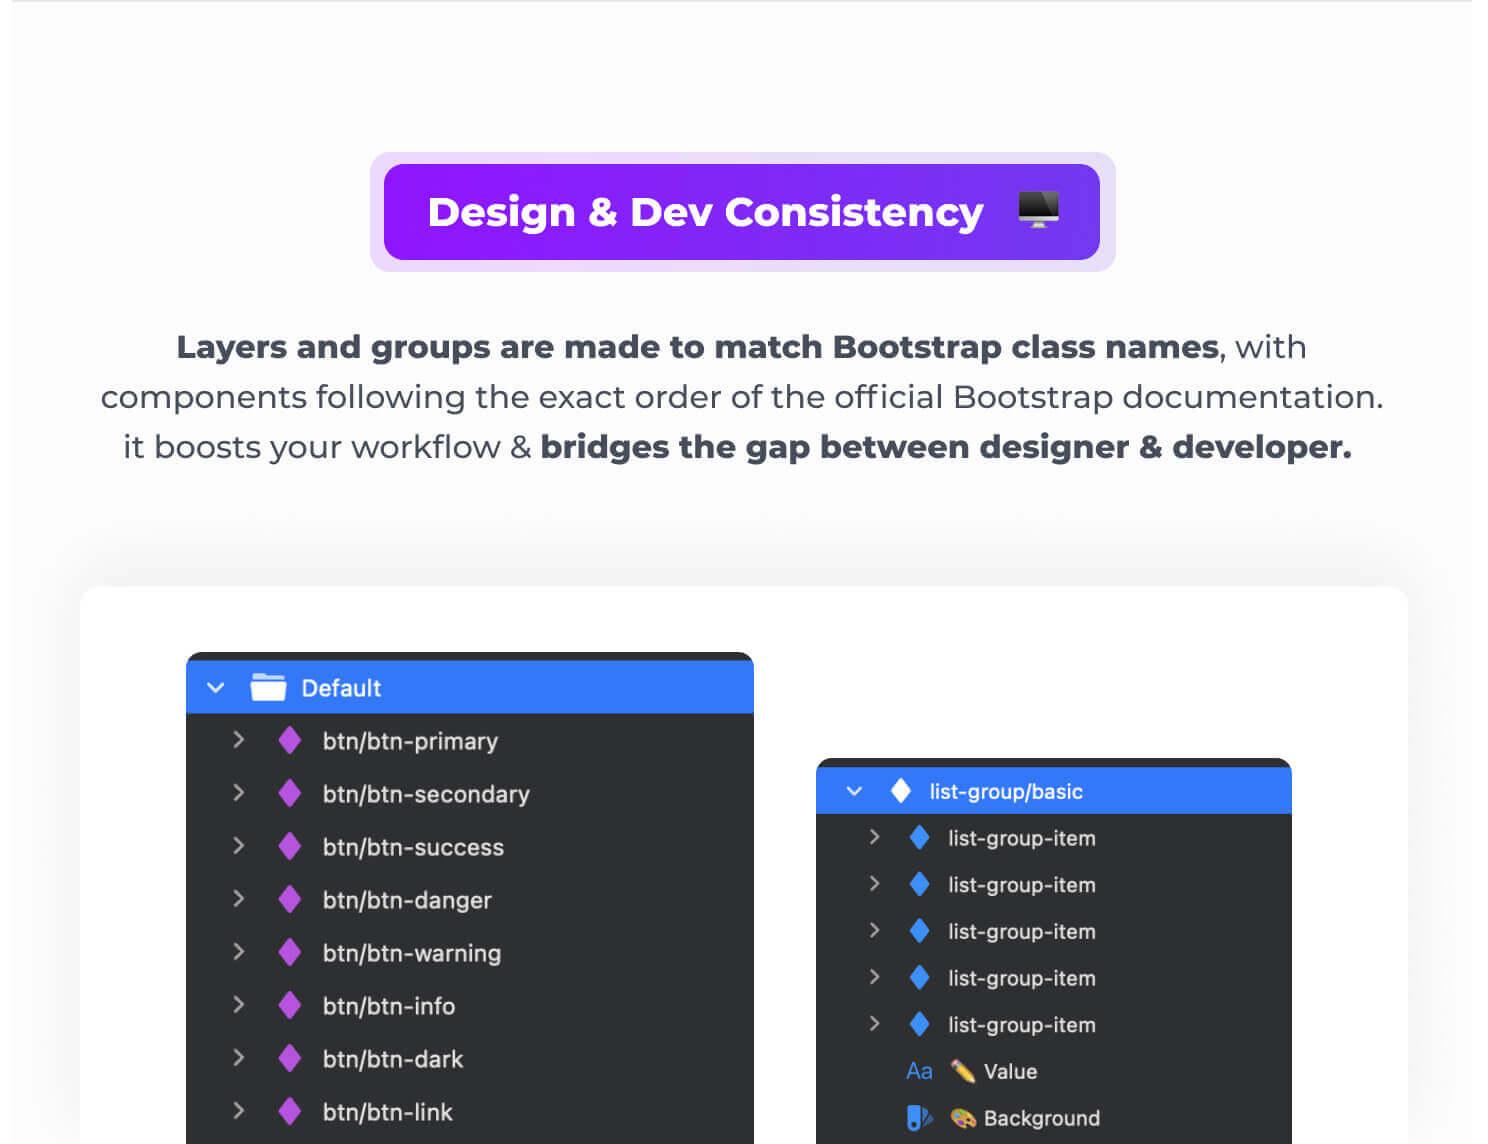 Design & Dev Consistency